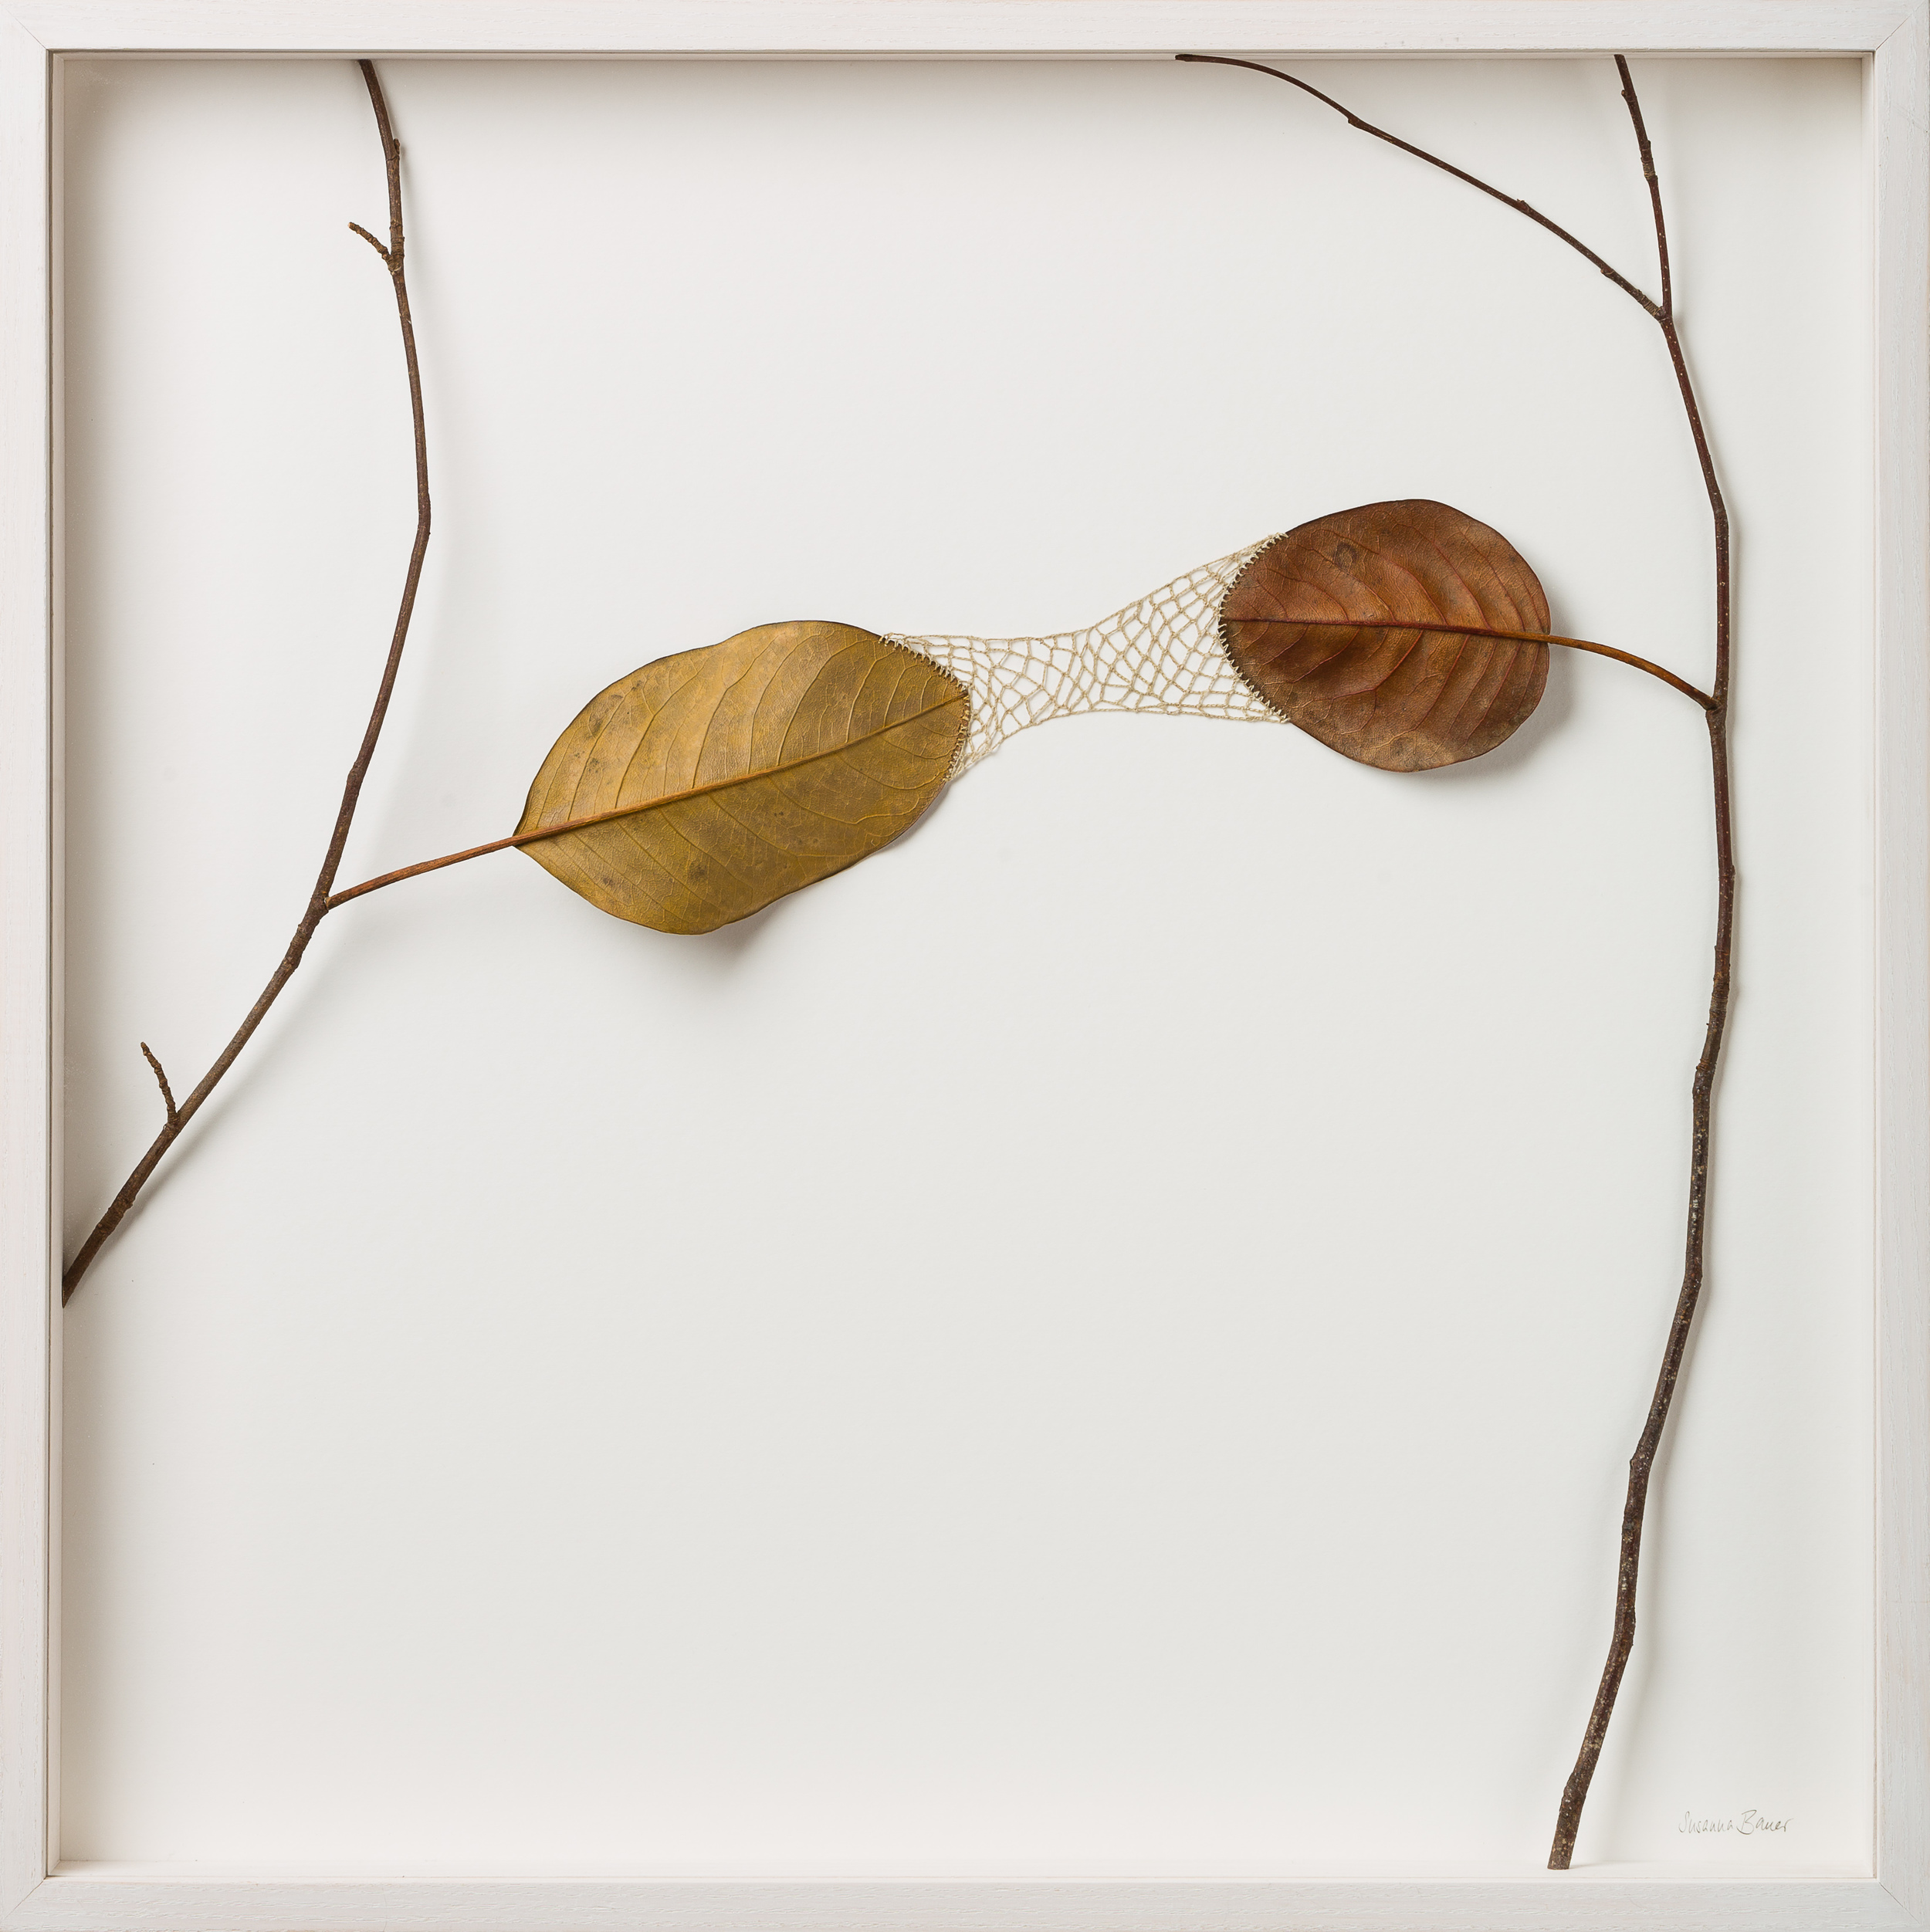 Reach   52 H x 52 W cm  magnolia leaves, cotton yarn, wood  £ 1,400